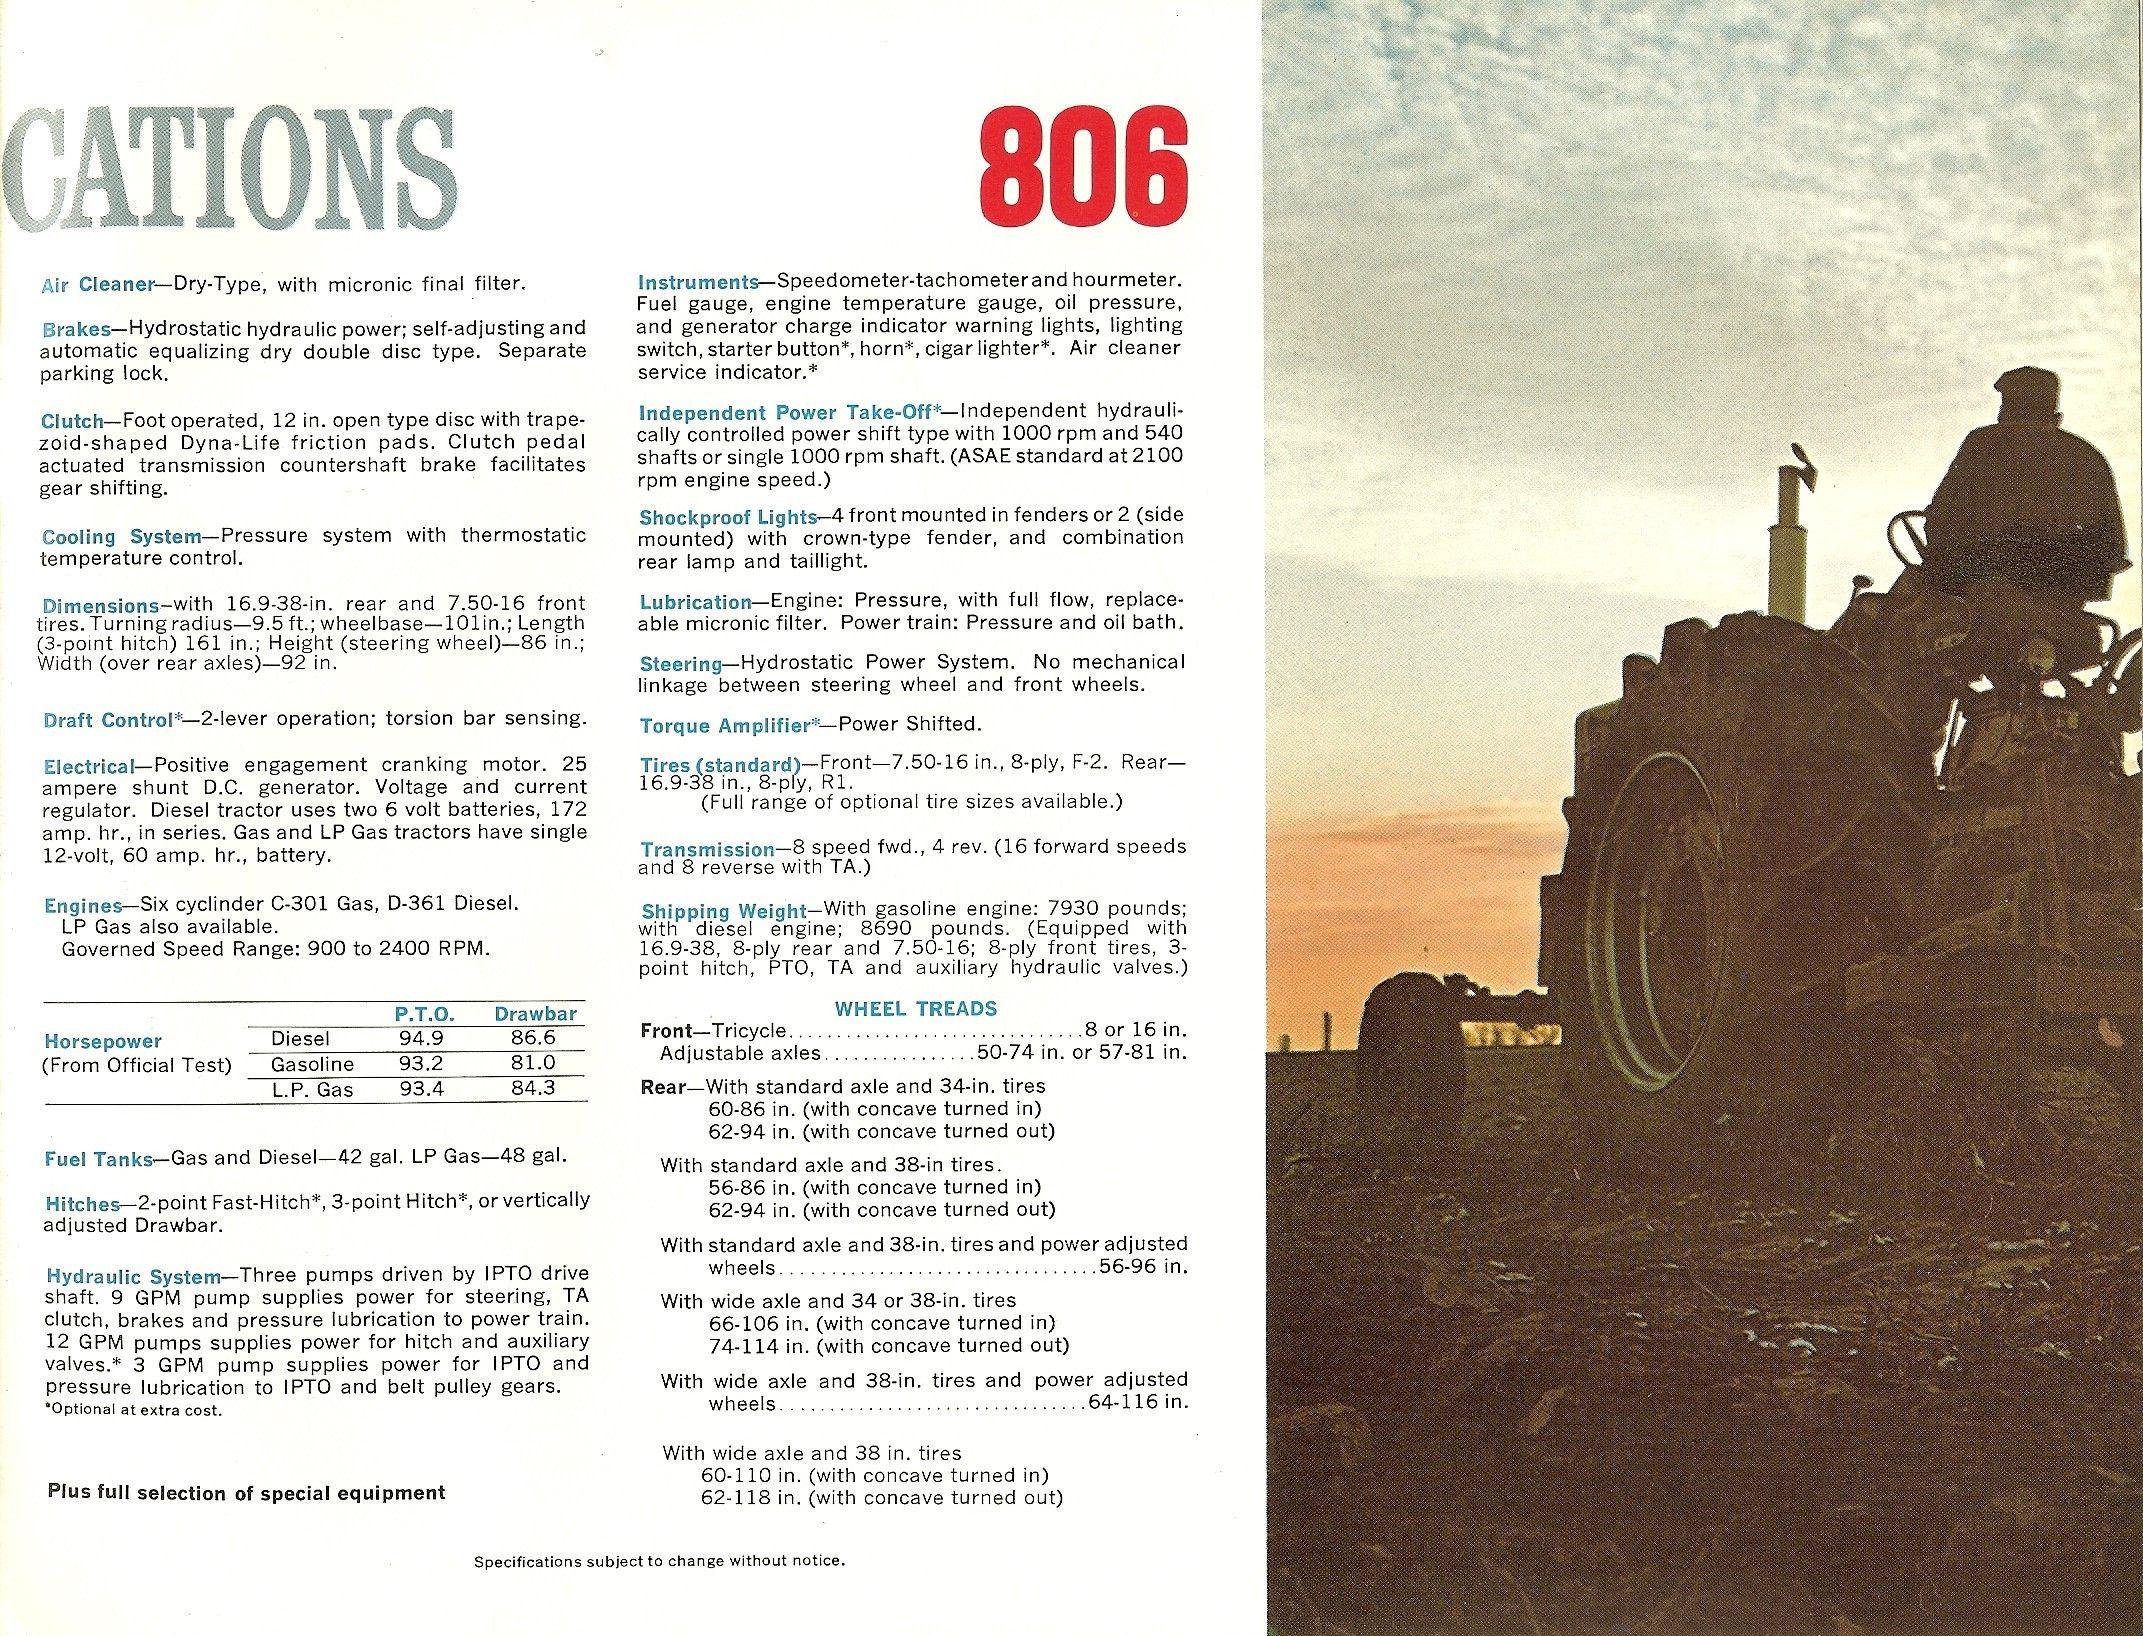 Farmall 806 Specs | International Harvester Advertising